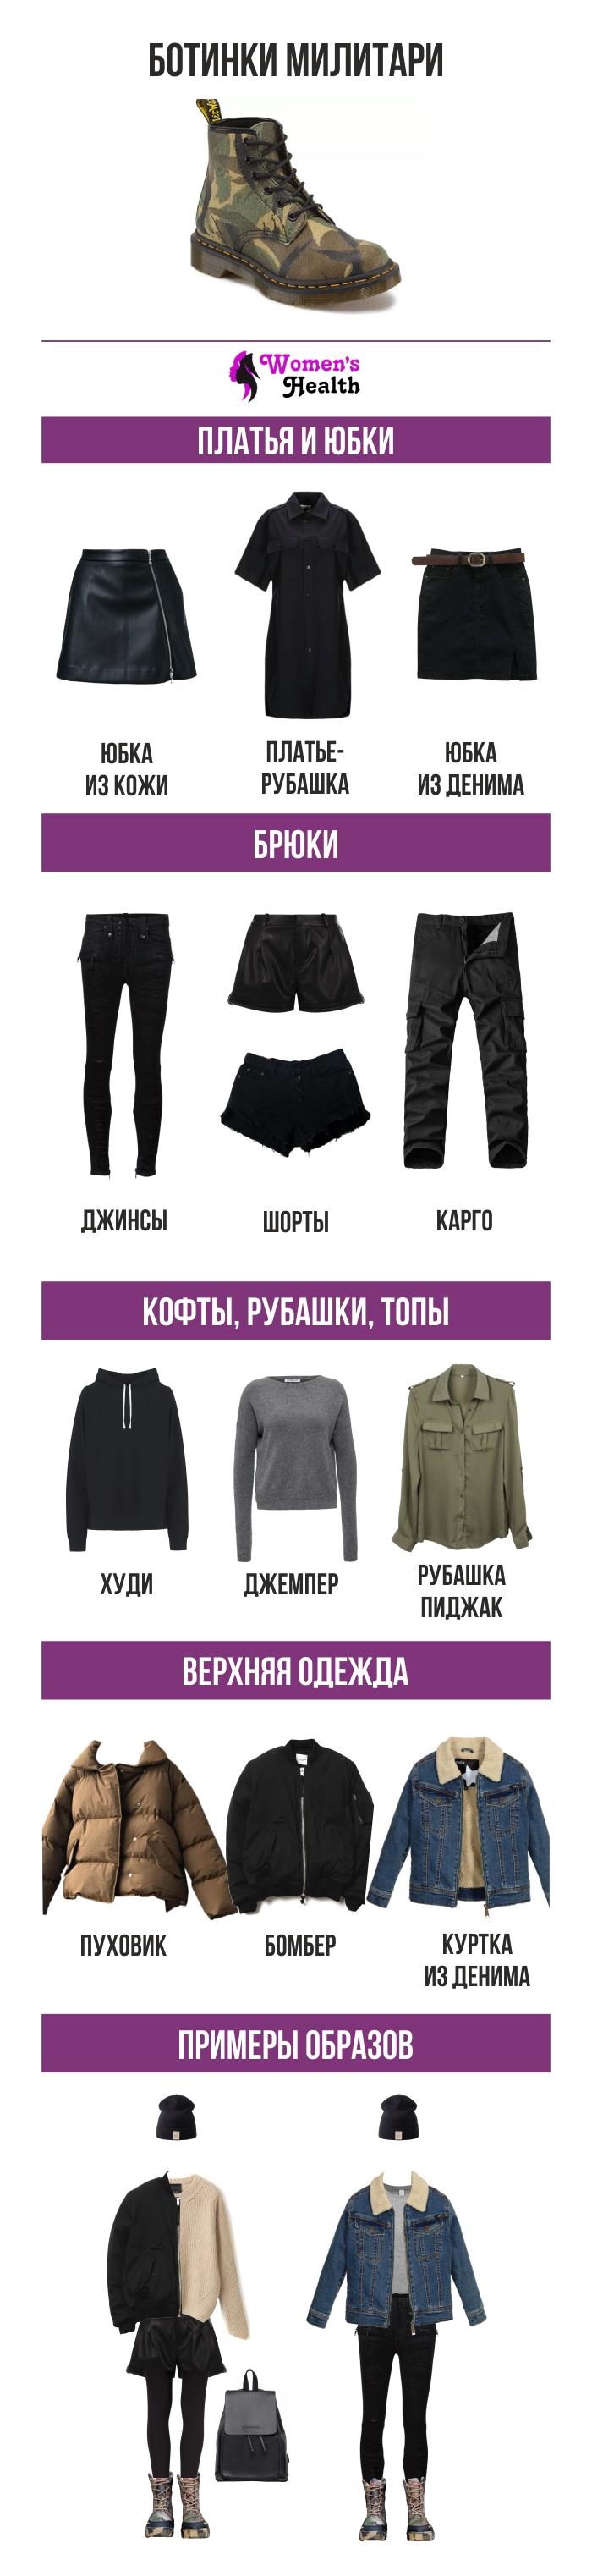 Инфографика: С чем носить женские ботинки милитари